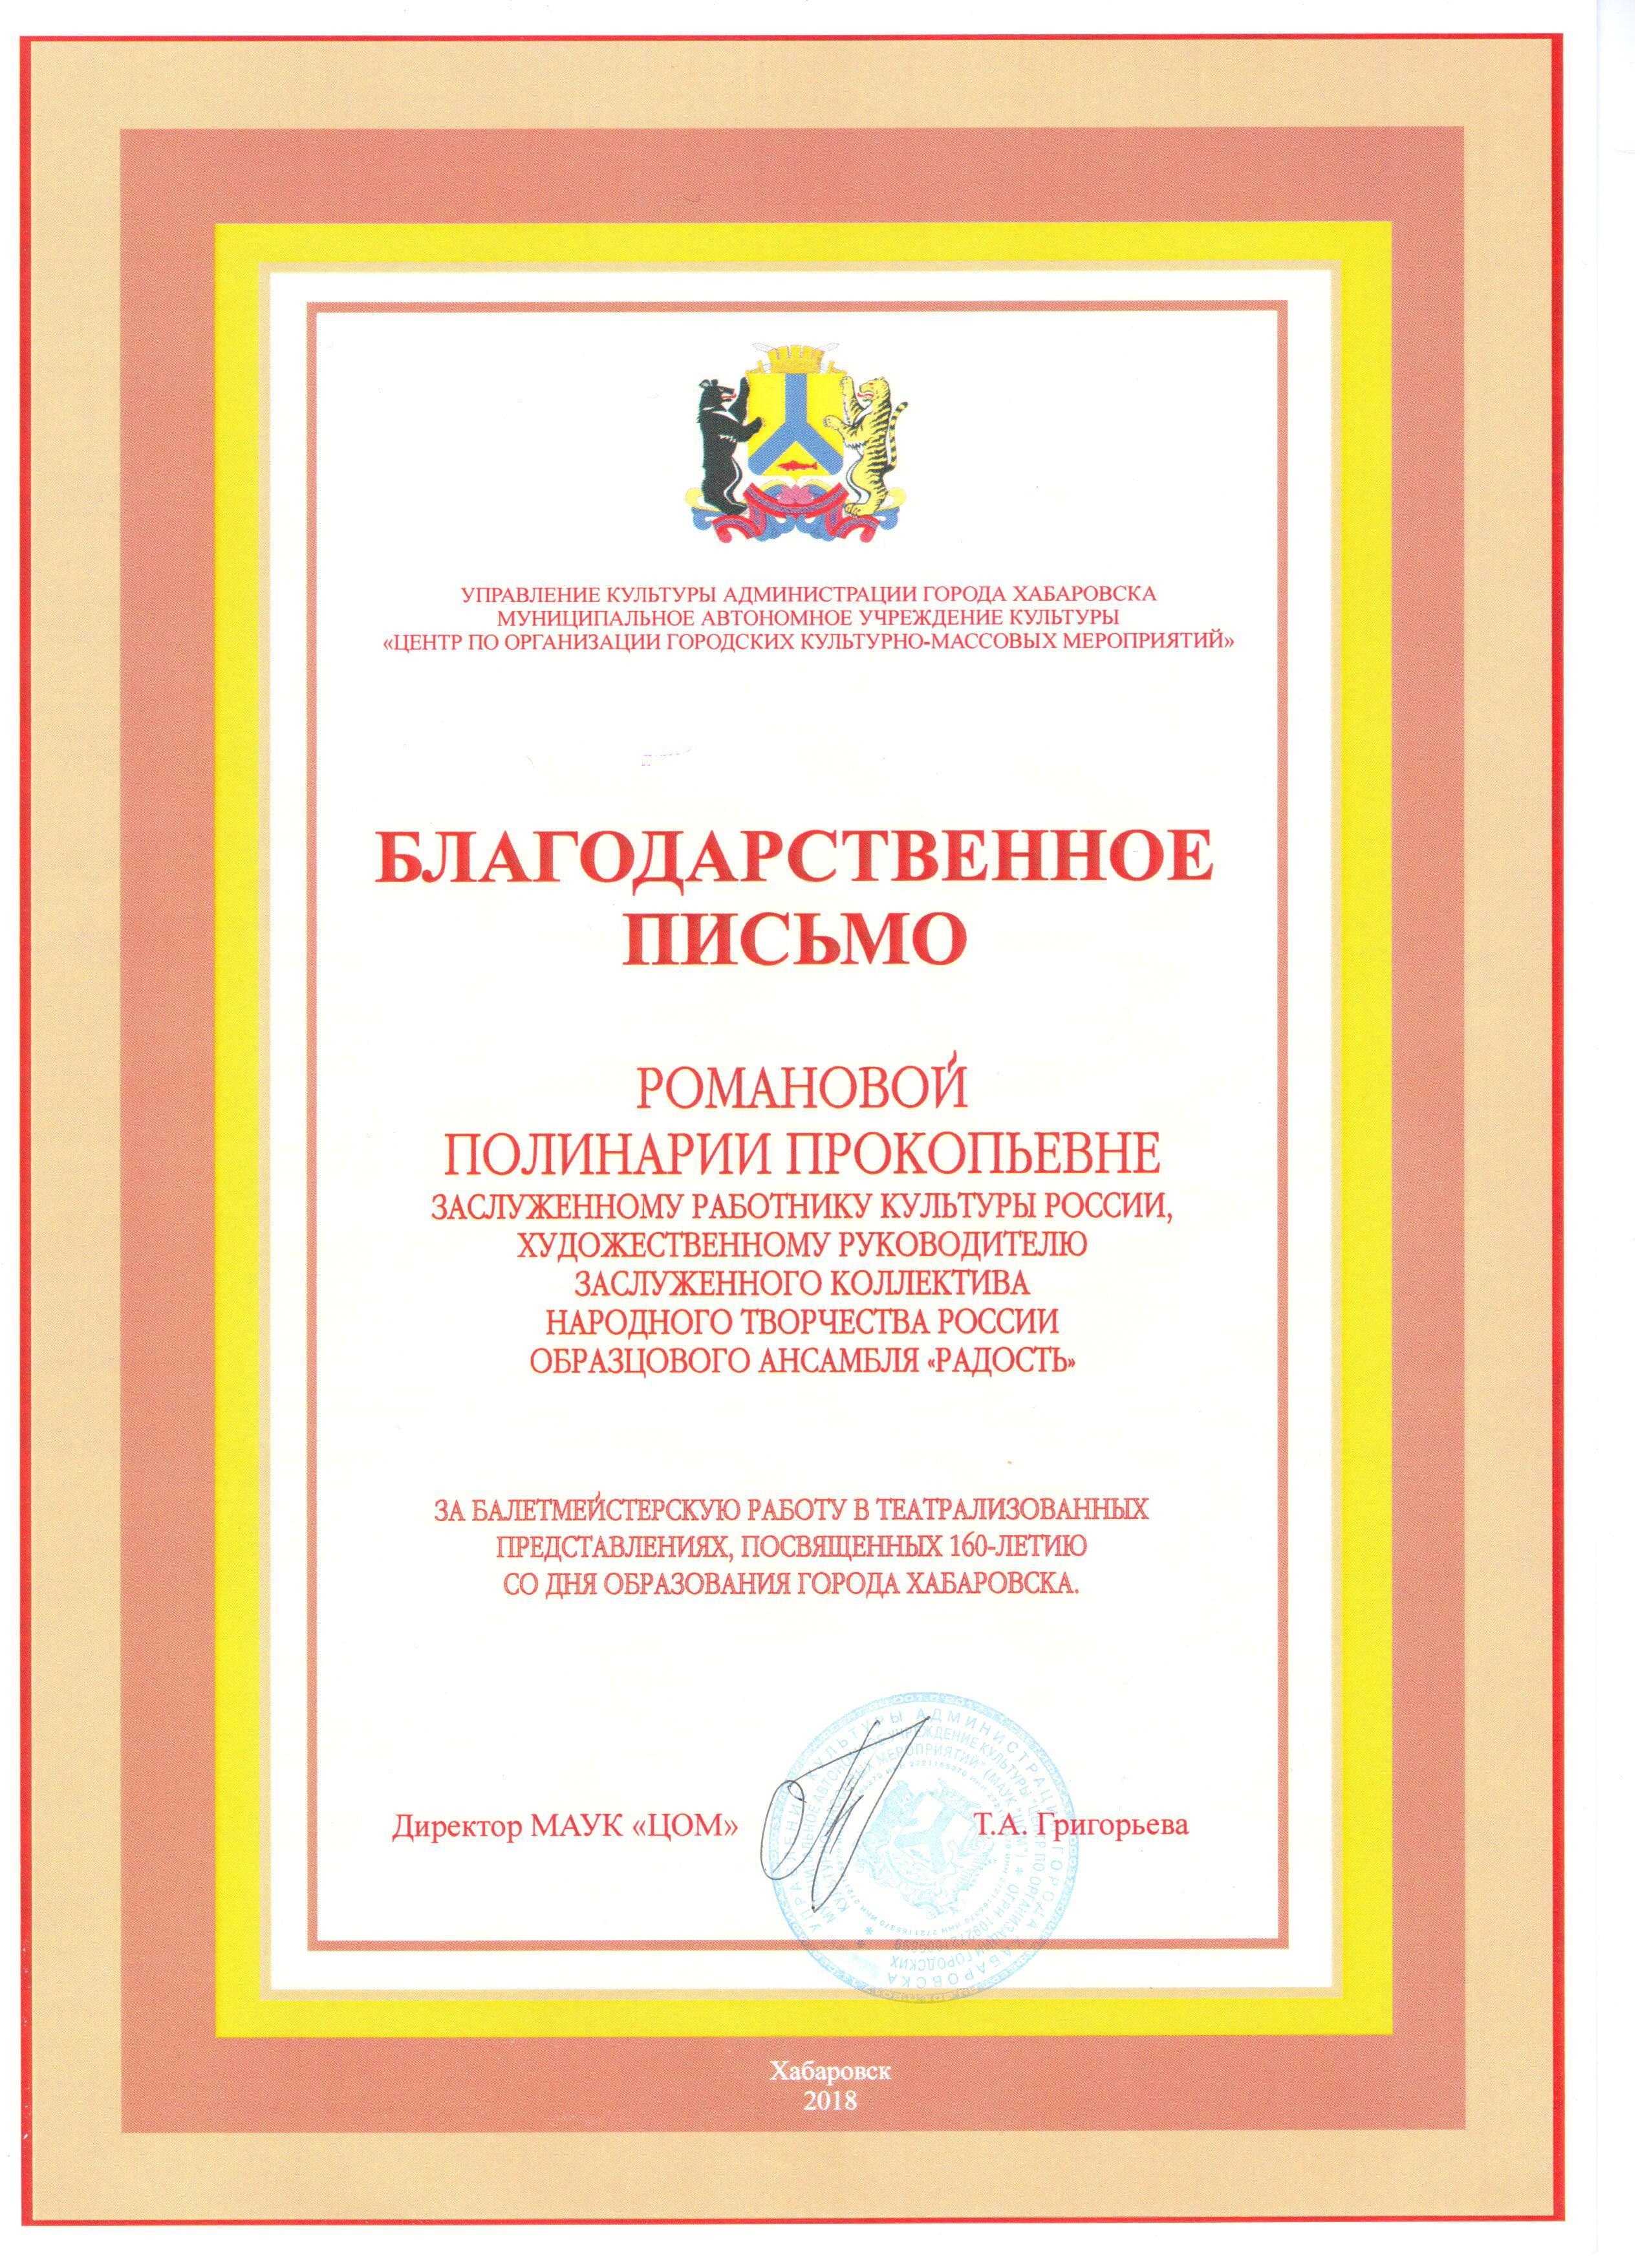 Благодарственное письмо Романовой_ПП